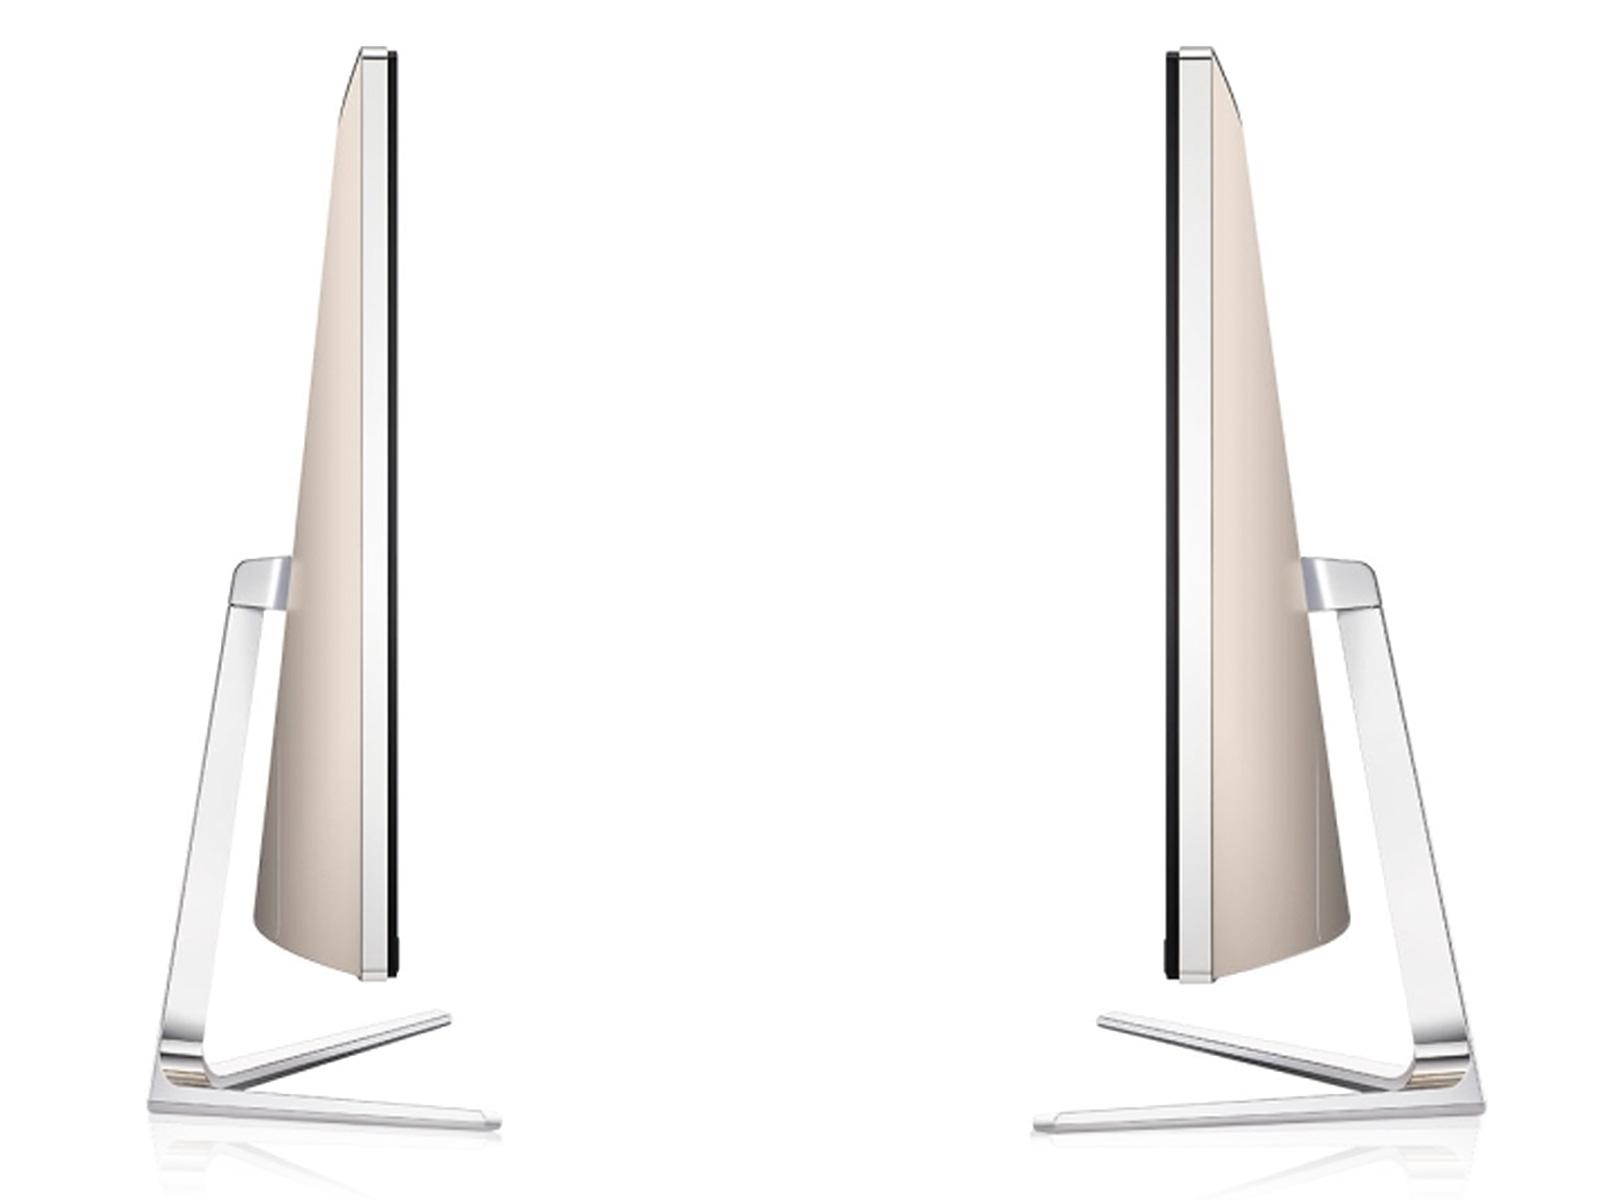 LG-scherm03